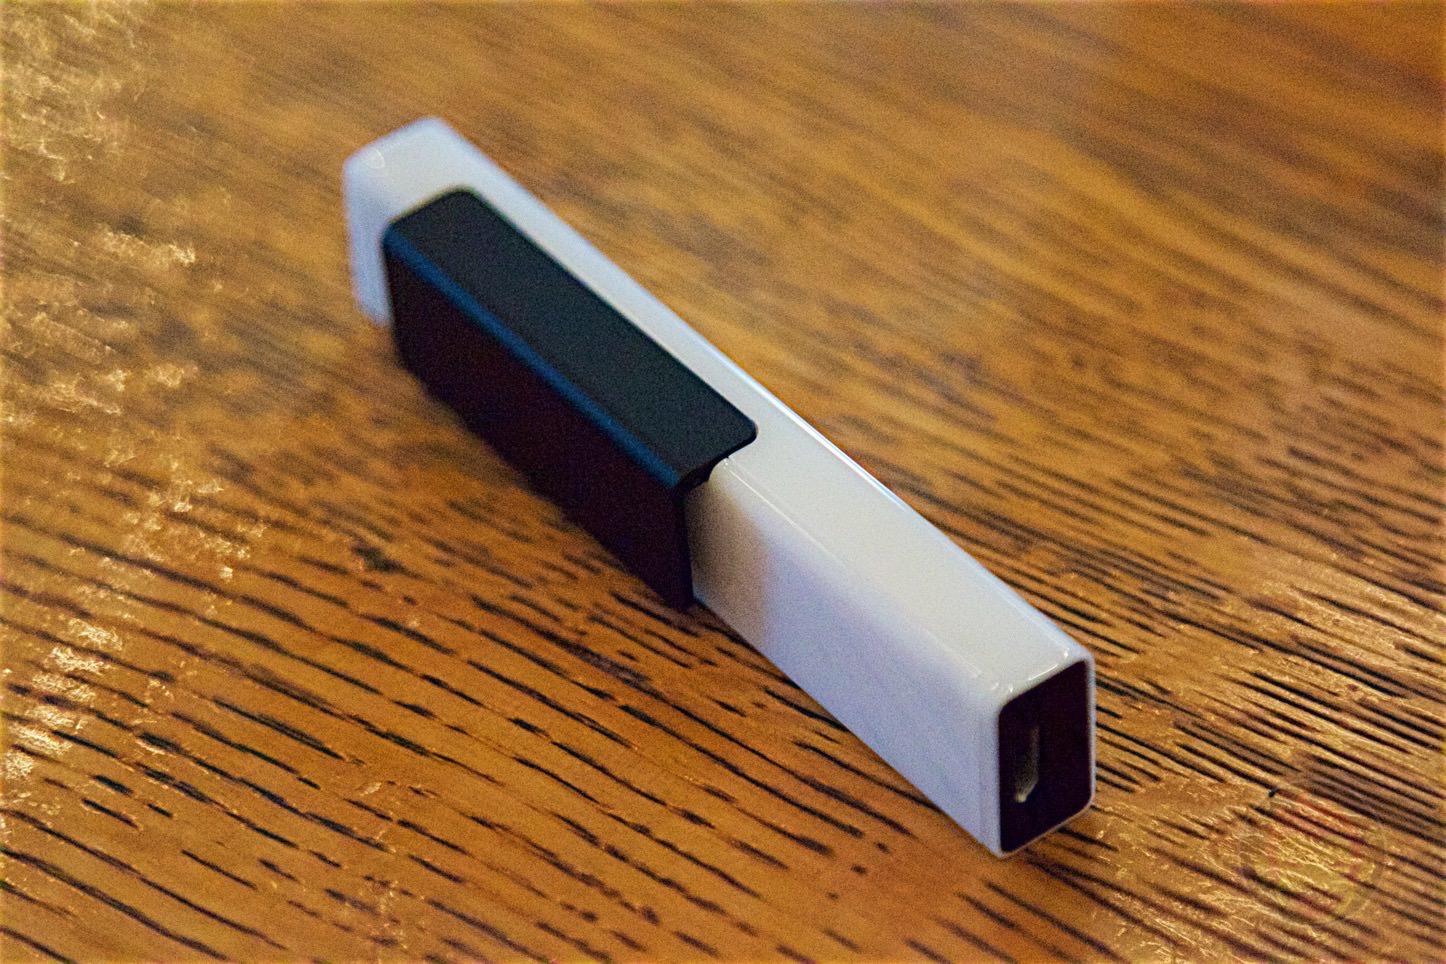 Blincam-Kickstarter-Project-09.jpg